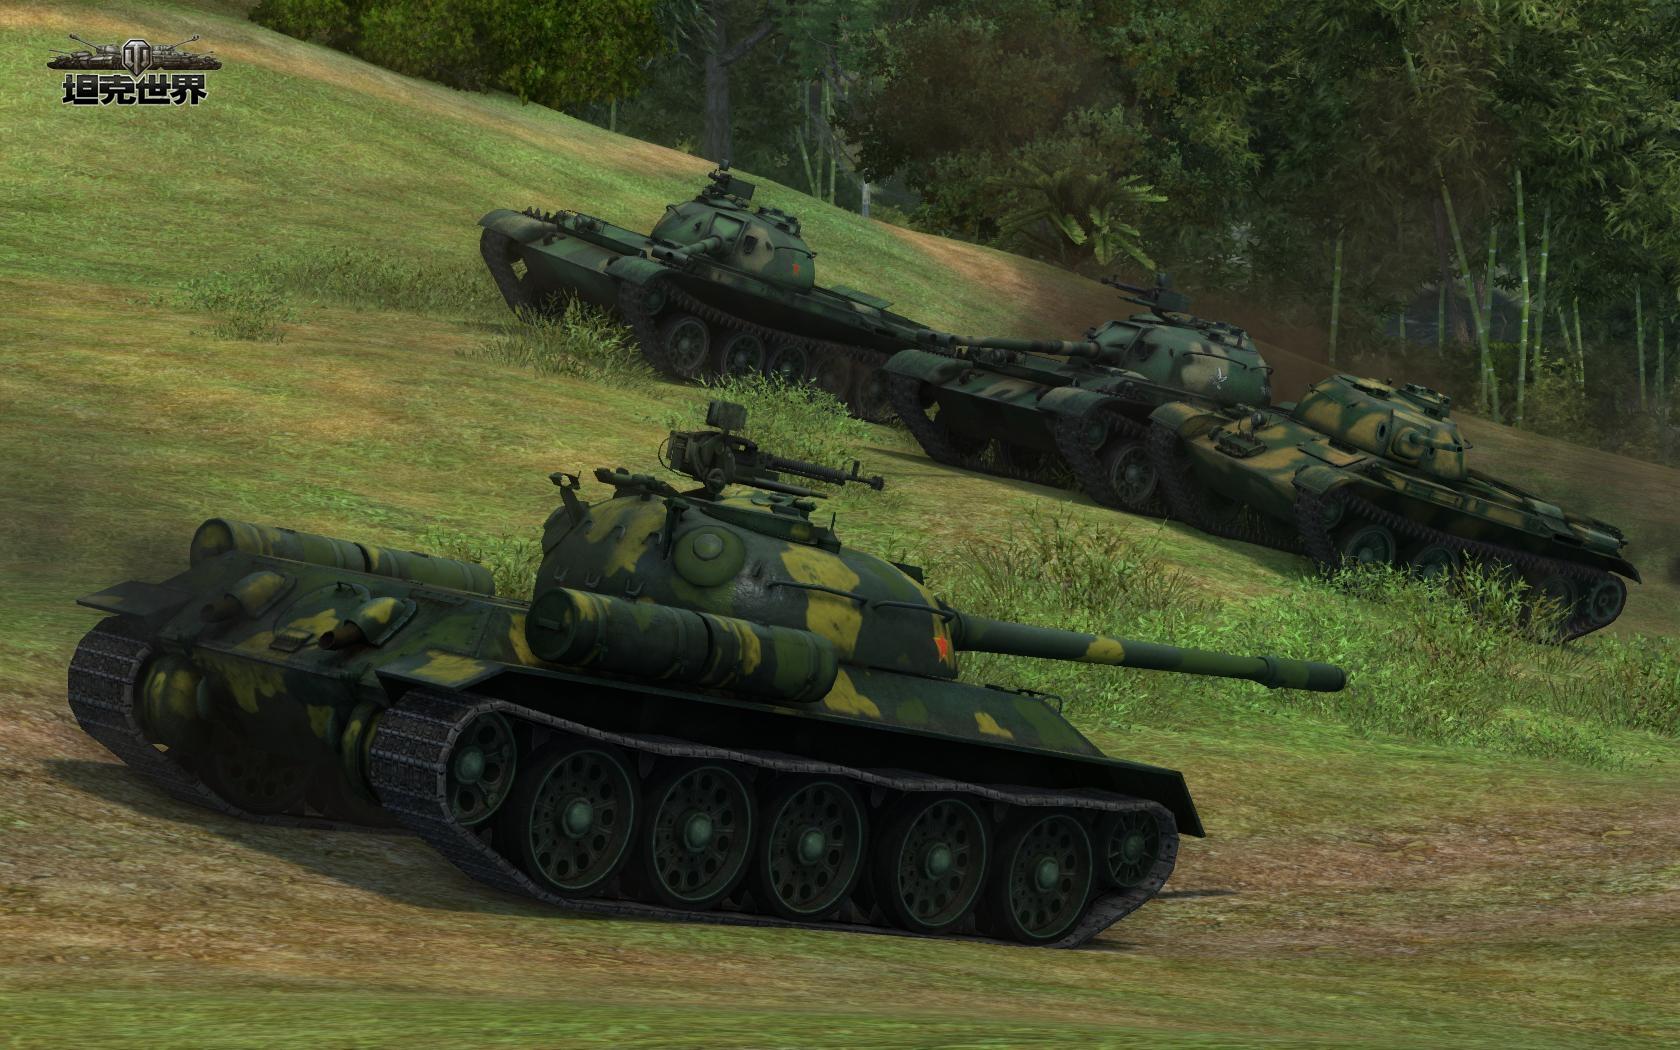 坦克世界》c系坦克壁纸美图赏